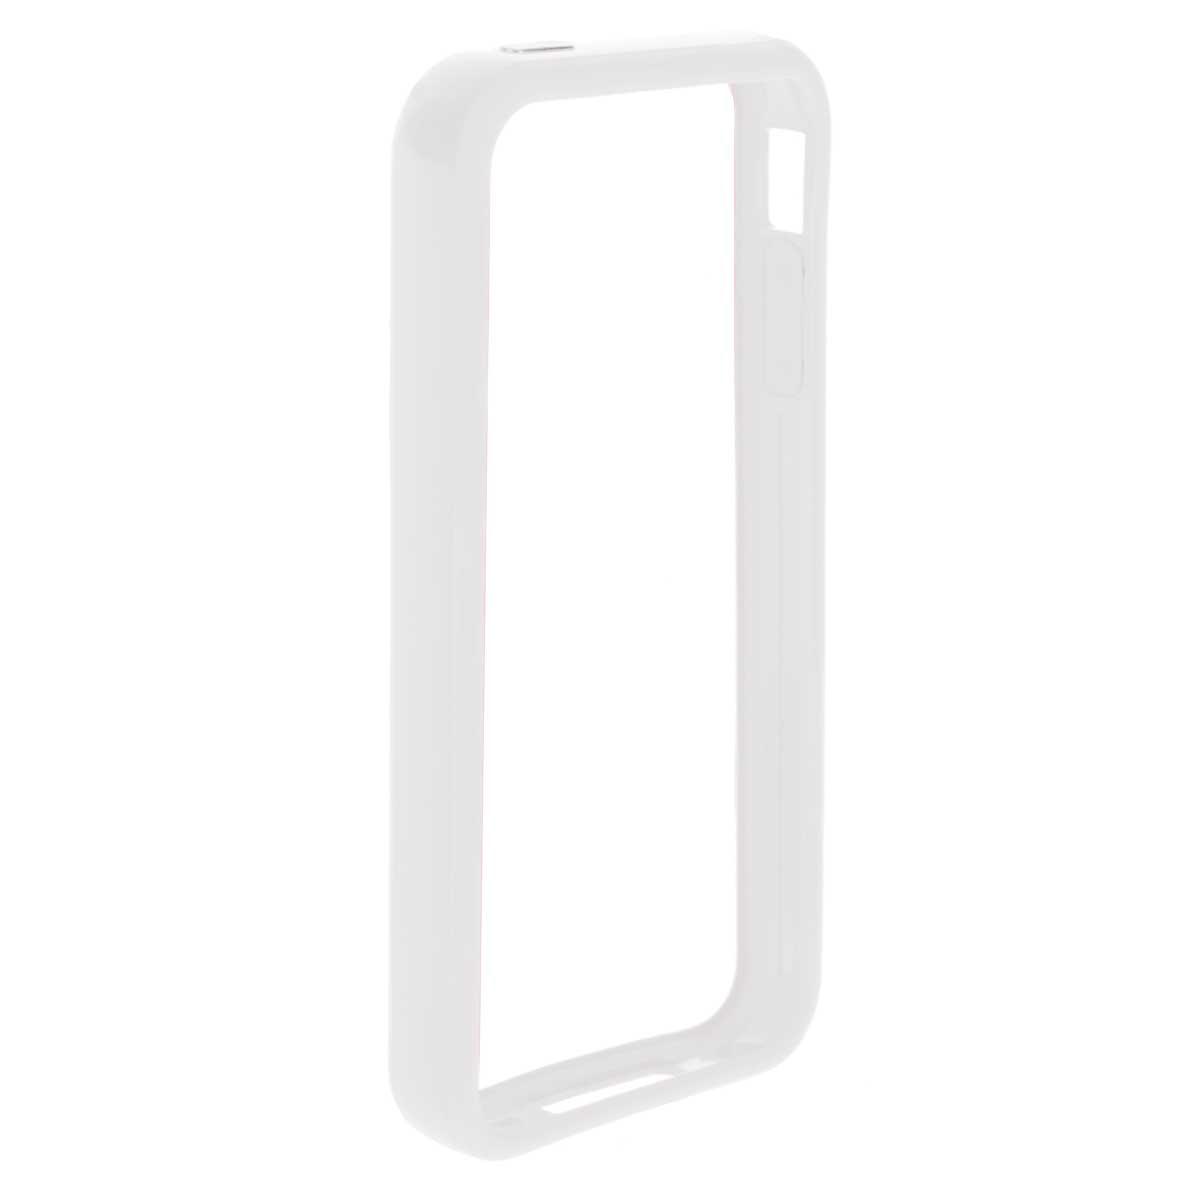 Deppa Bumper чехол-бампер для iPhone 4/4S, White чехол для iphone 4 бамбук